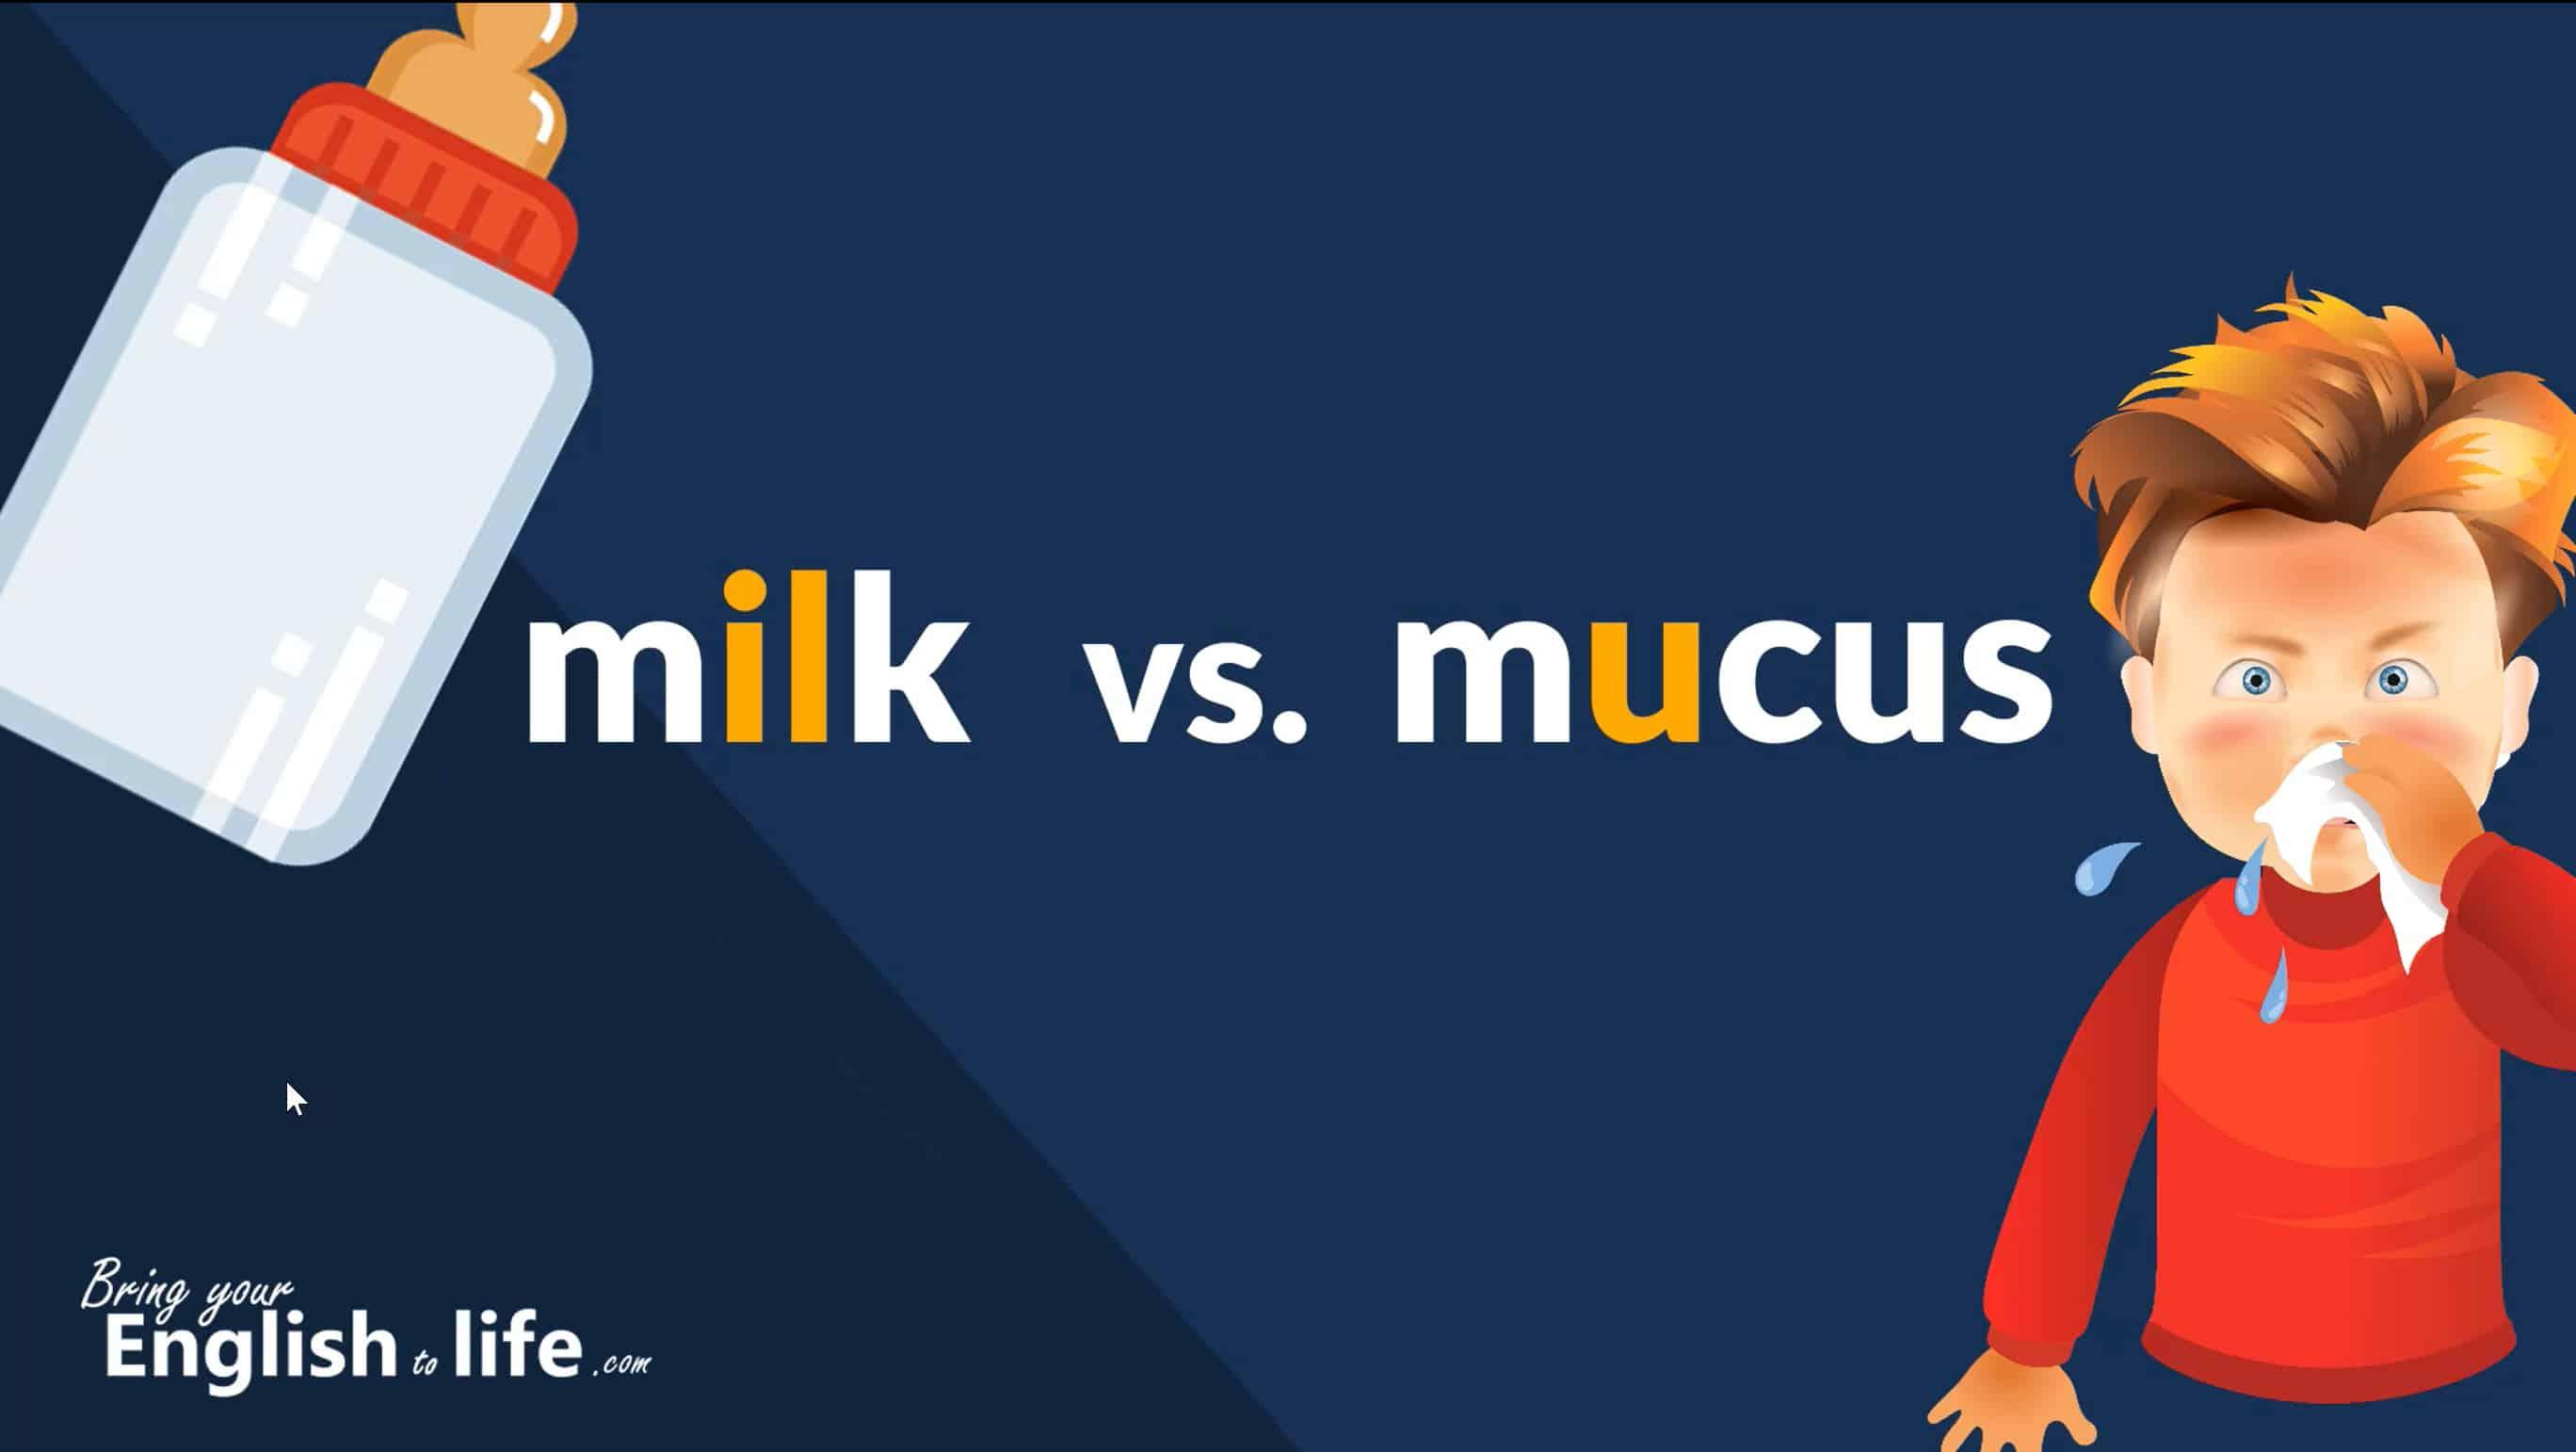 擊退正音刺客 - 母音的聲音幻覺|實例教學 (milk vs. mucus) - 活化英文